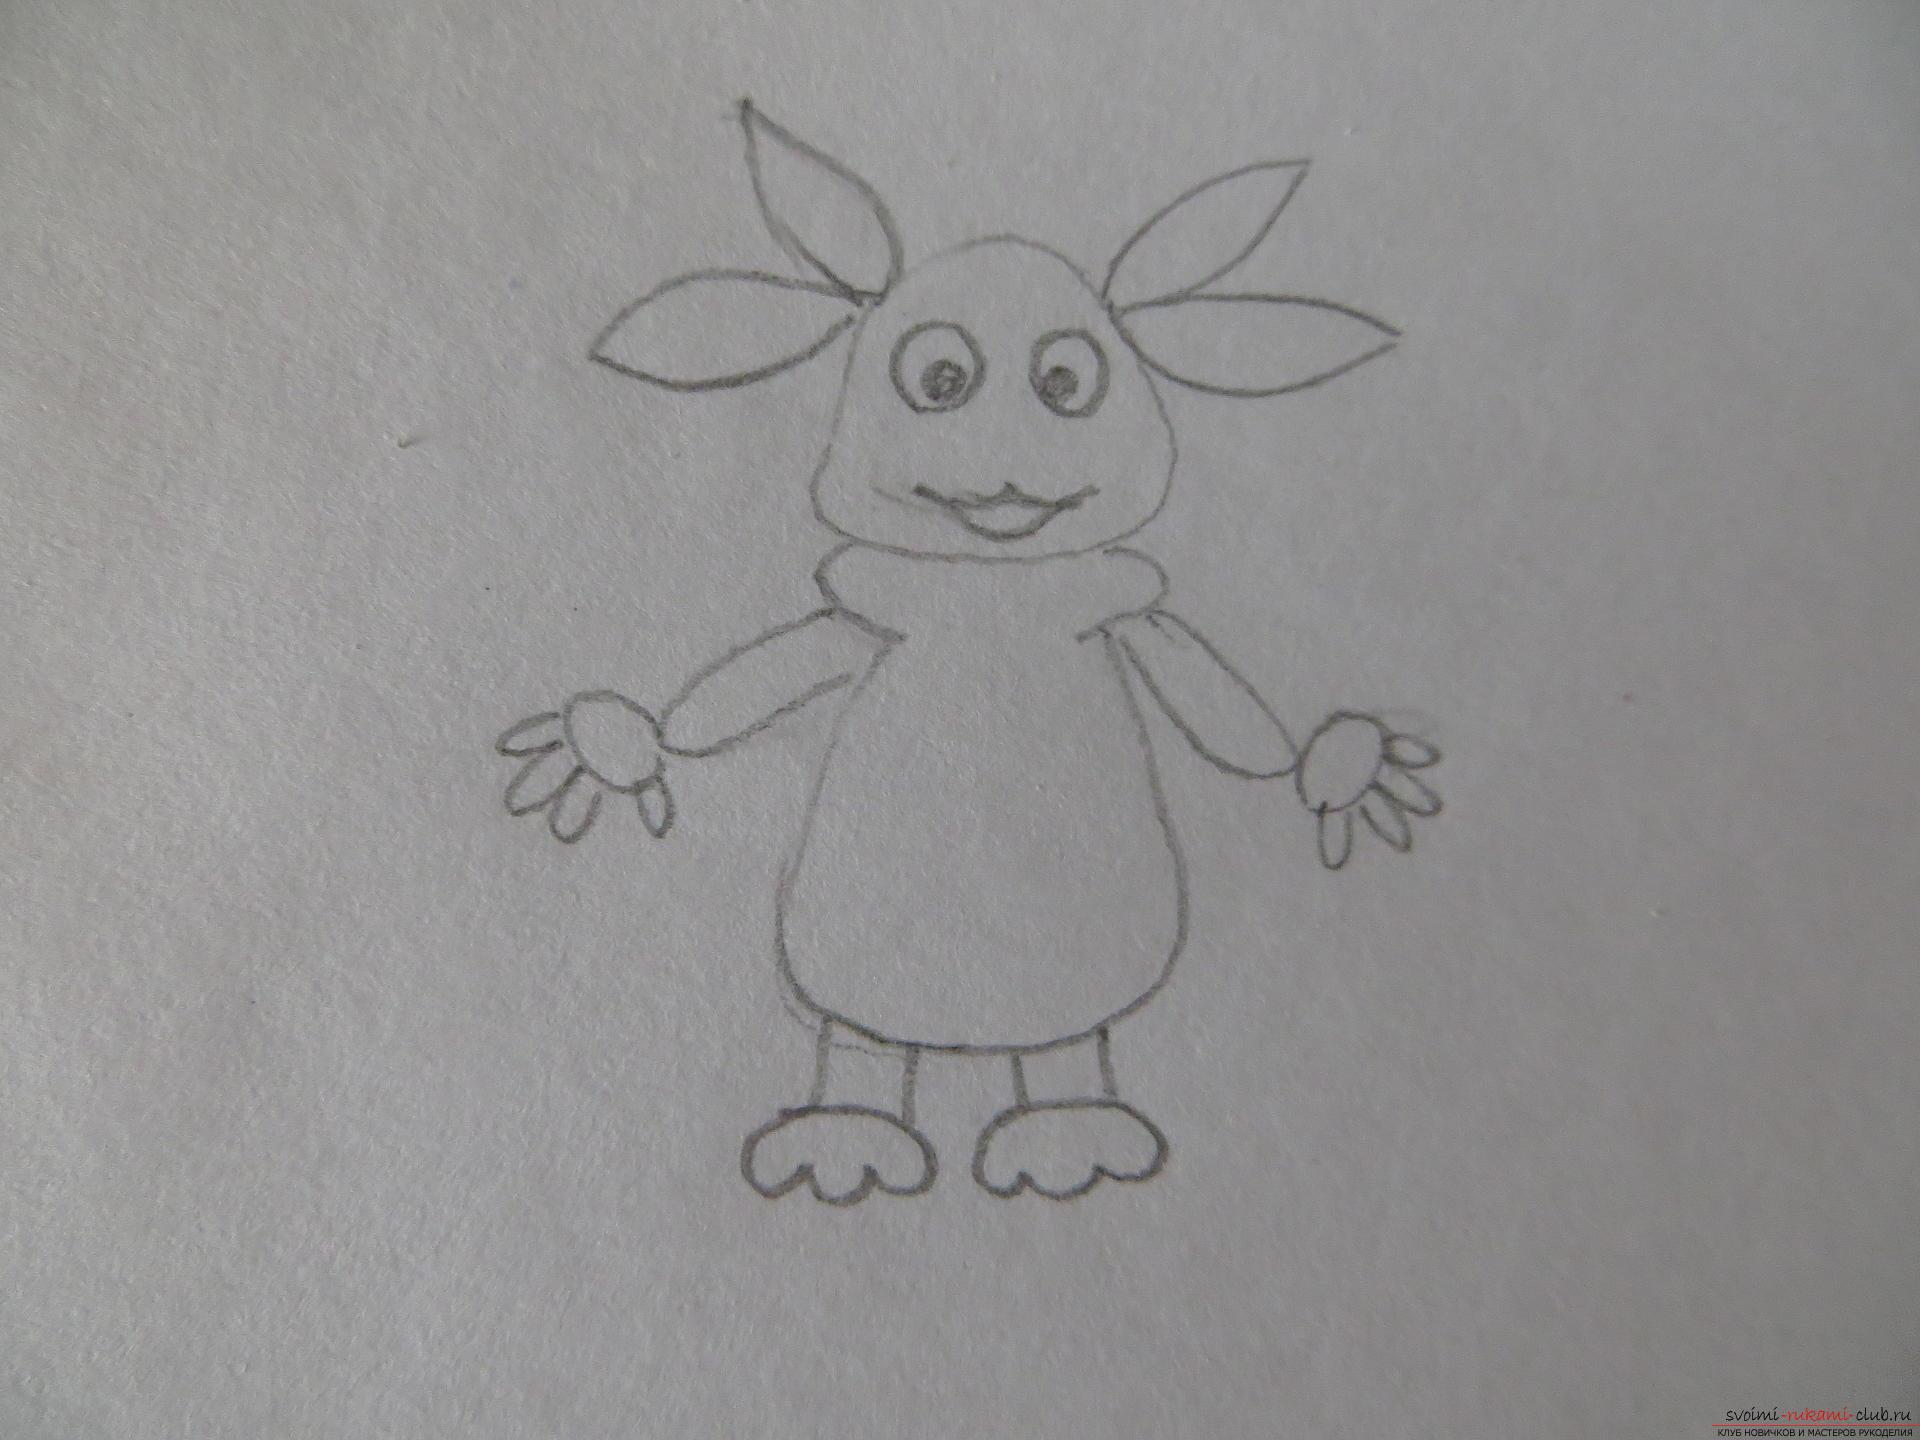 Этот мастер-класс рисования для детей расскажет как научиться рисовать Лунтика